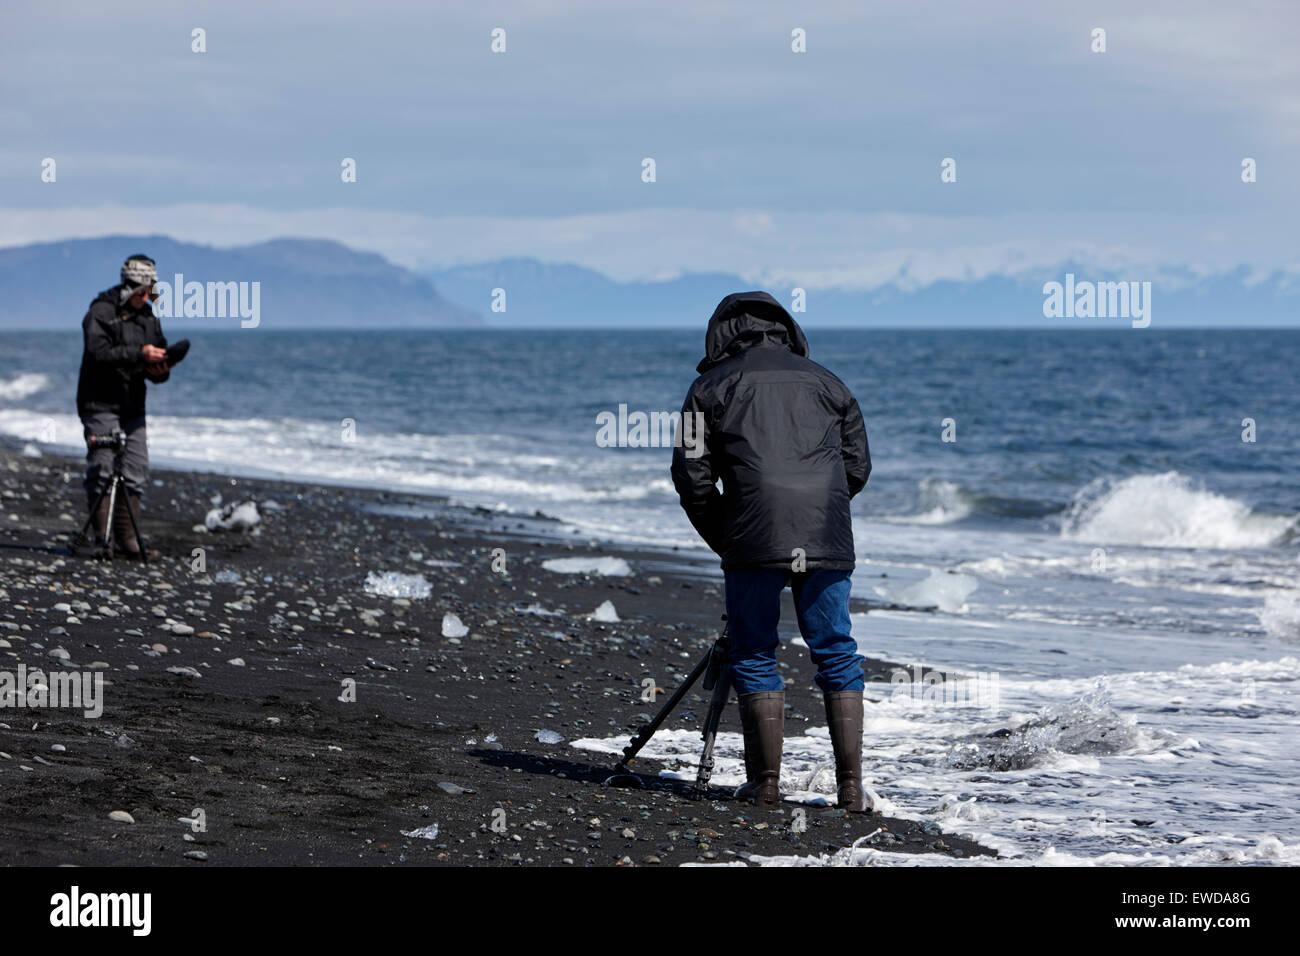 photographers taking photos of icebergs washing up on the black sand beach at Jokulsarlon Iceland - Stock Image